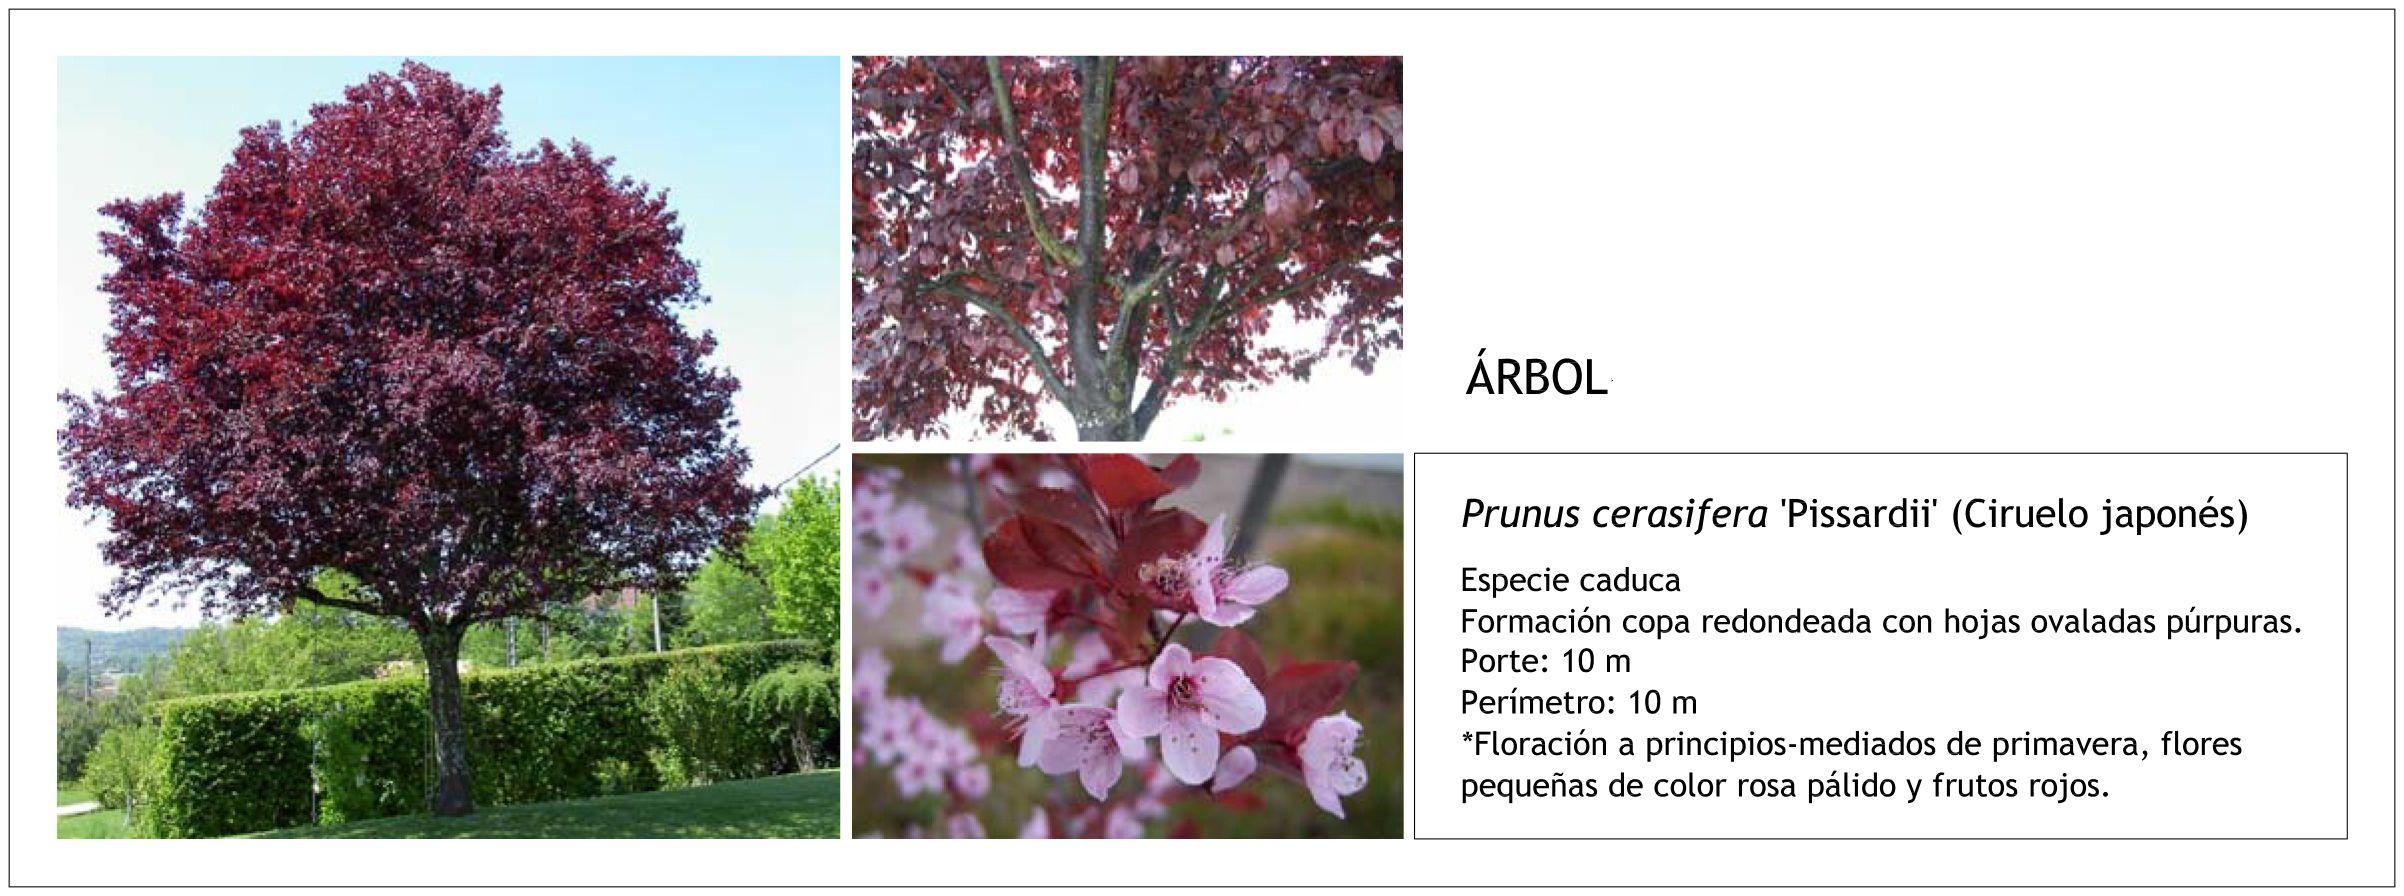 Prunus cerasifera 'Pissardii' (Ciruelo japonés)